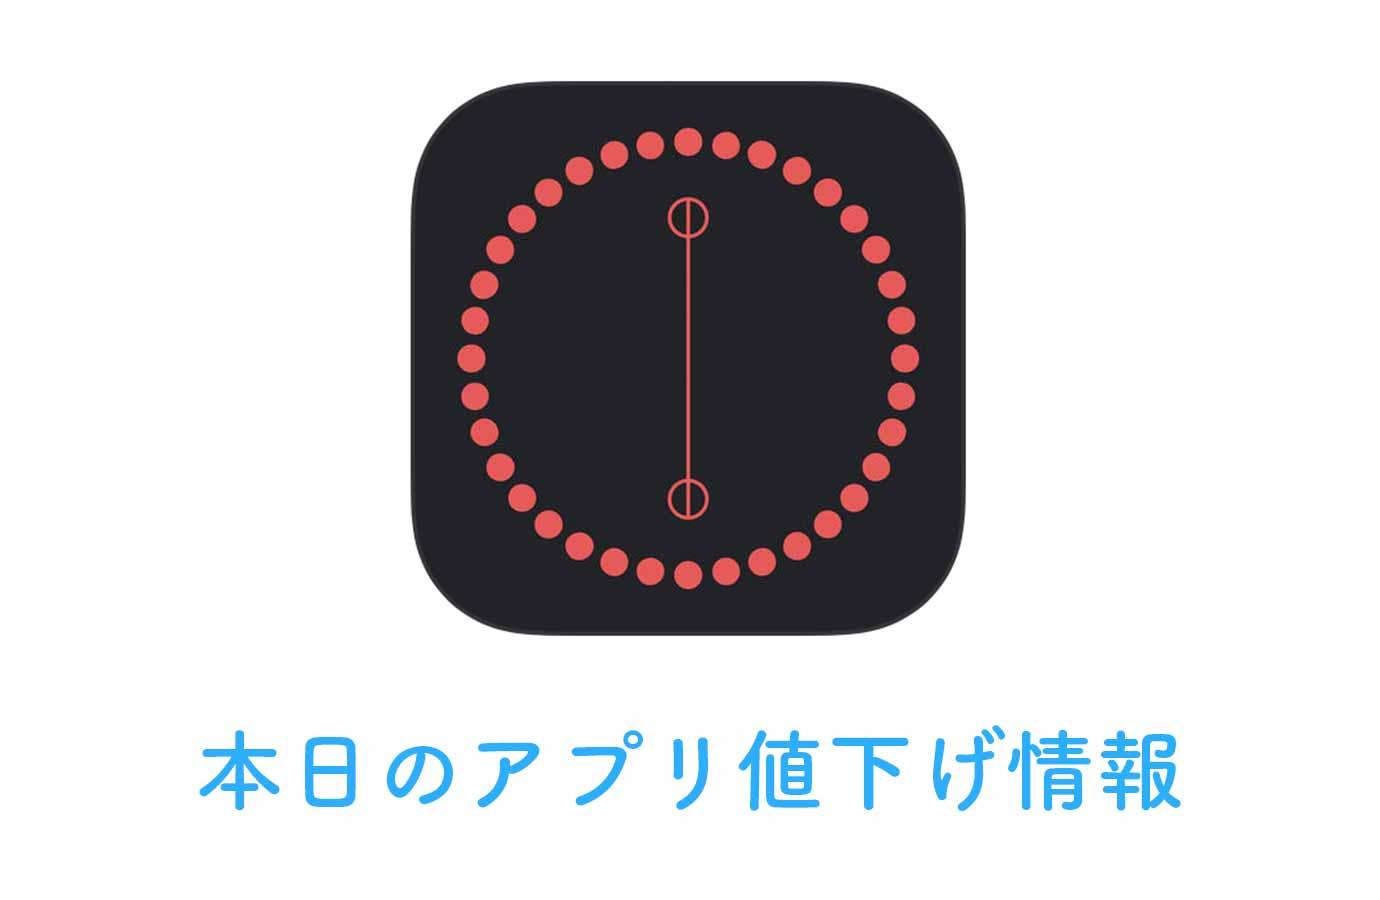 120円→無料!多くのフィルターやエフェクを搭載した写真編集アプリ「Gloomlogue」など【12/1】アプリ値下げ情報